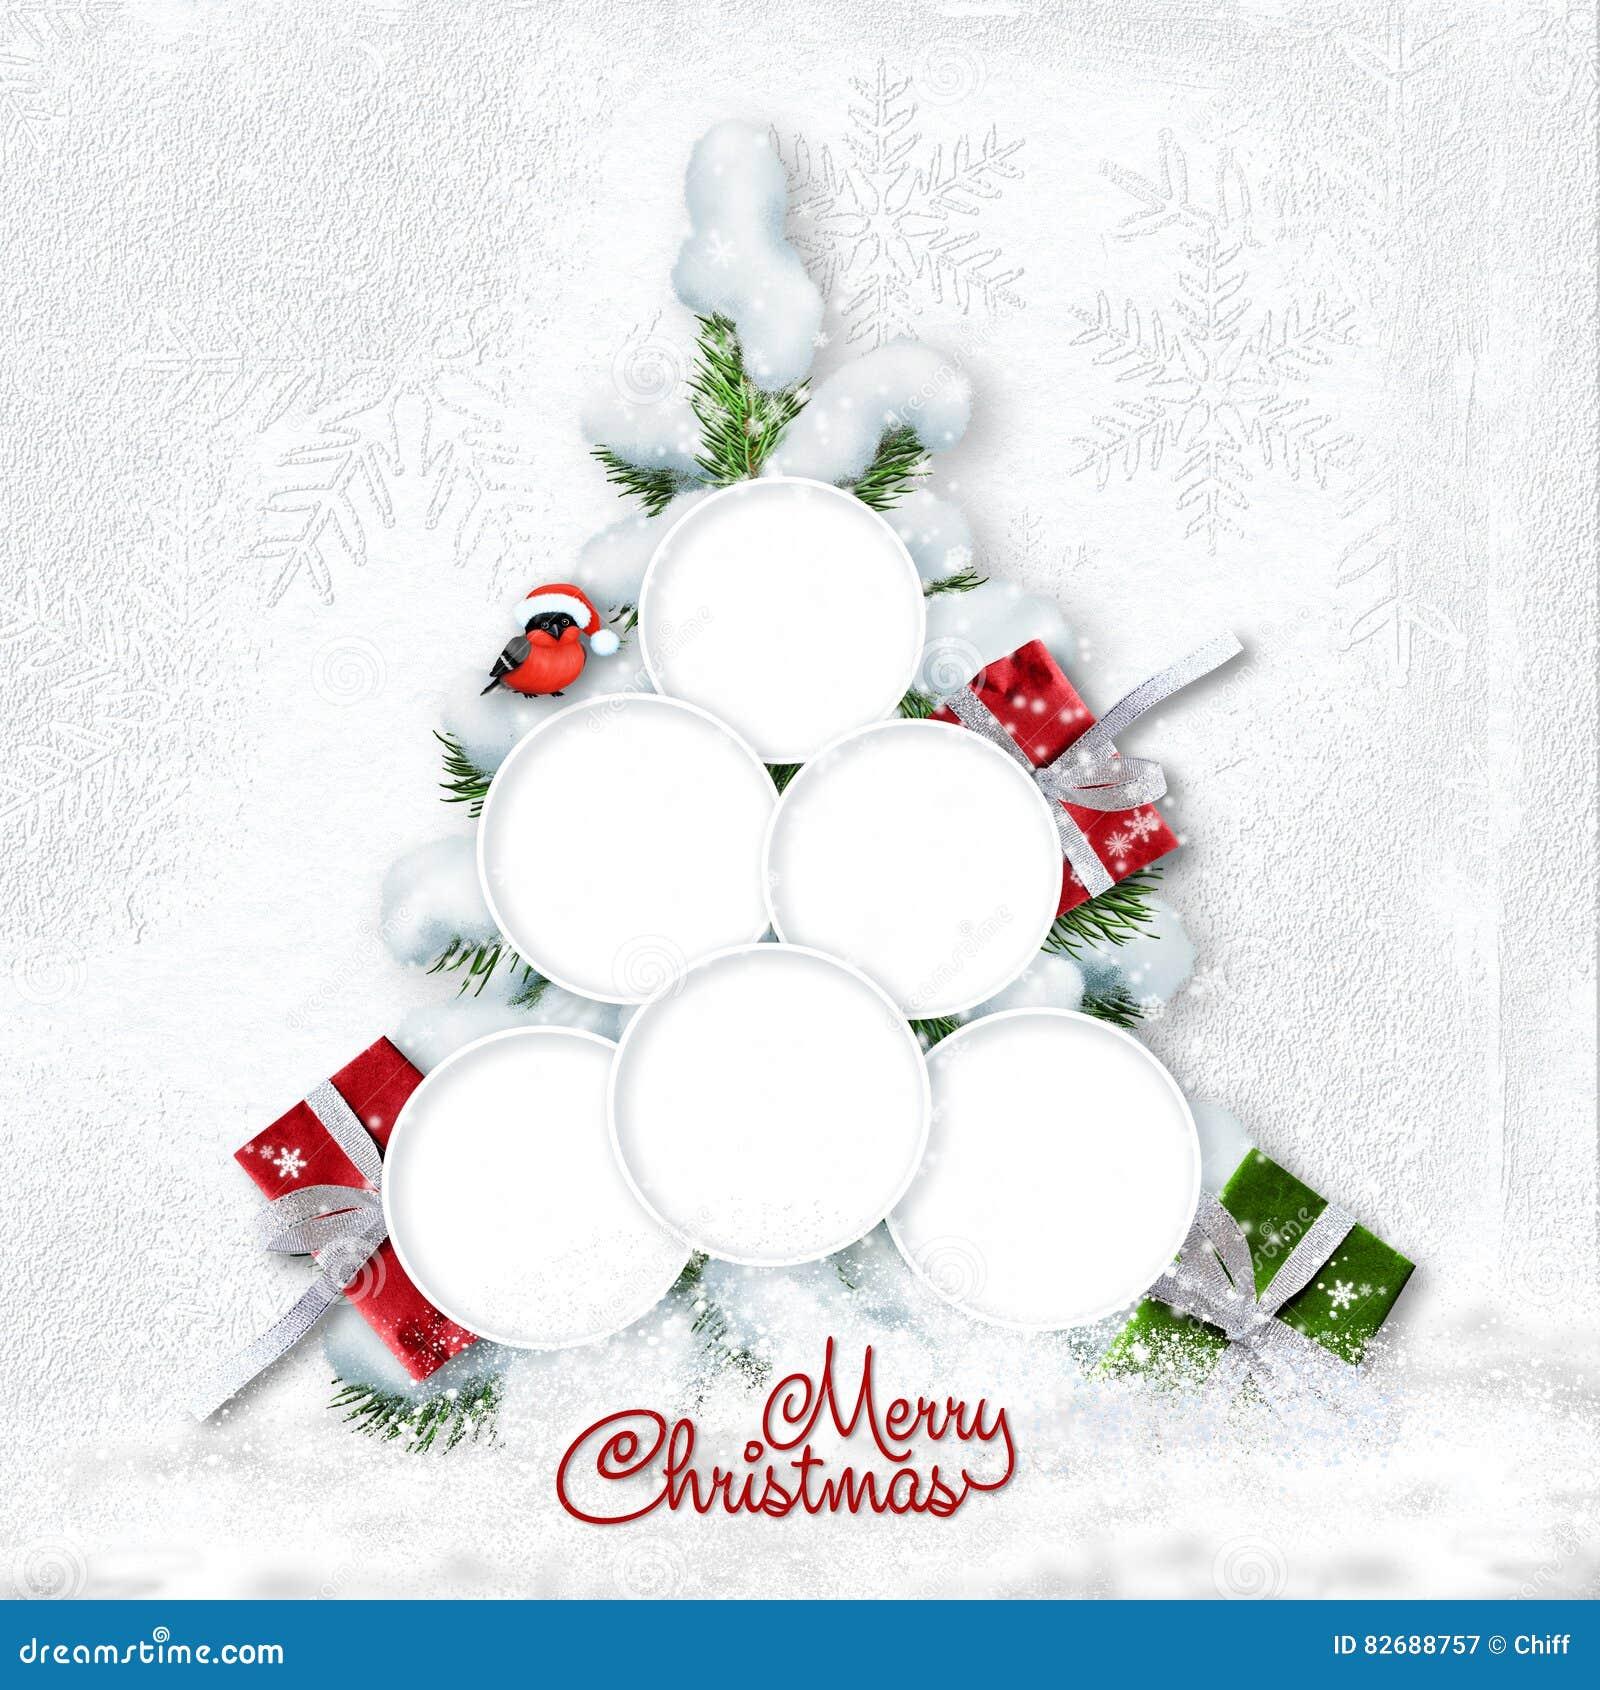 Marcos Para Fotos De Arbol De Navidad.Tarjeta De Navidad Del Saludo Con El Arbol Nevoso Y Marcos